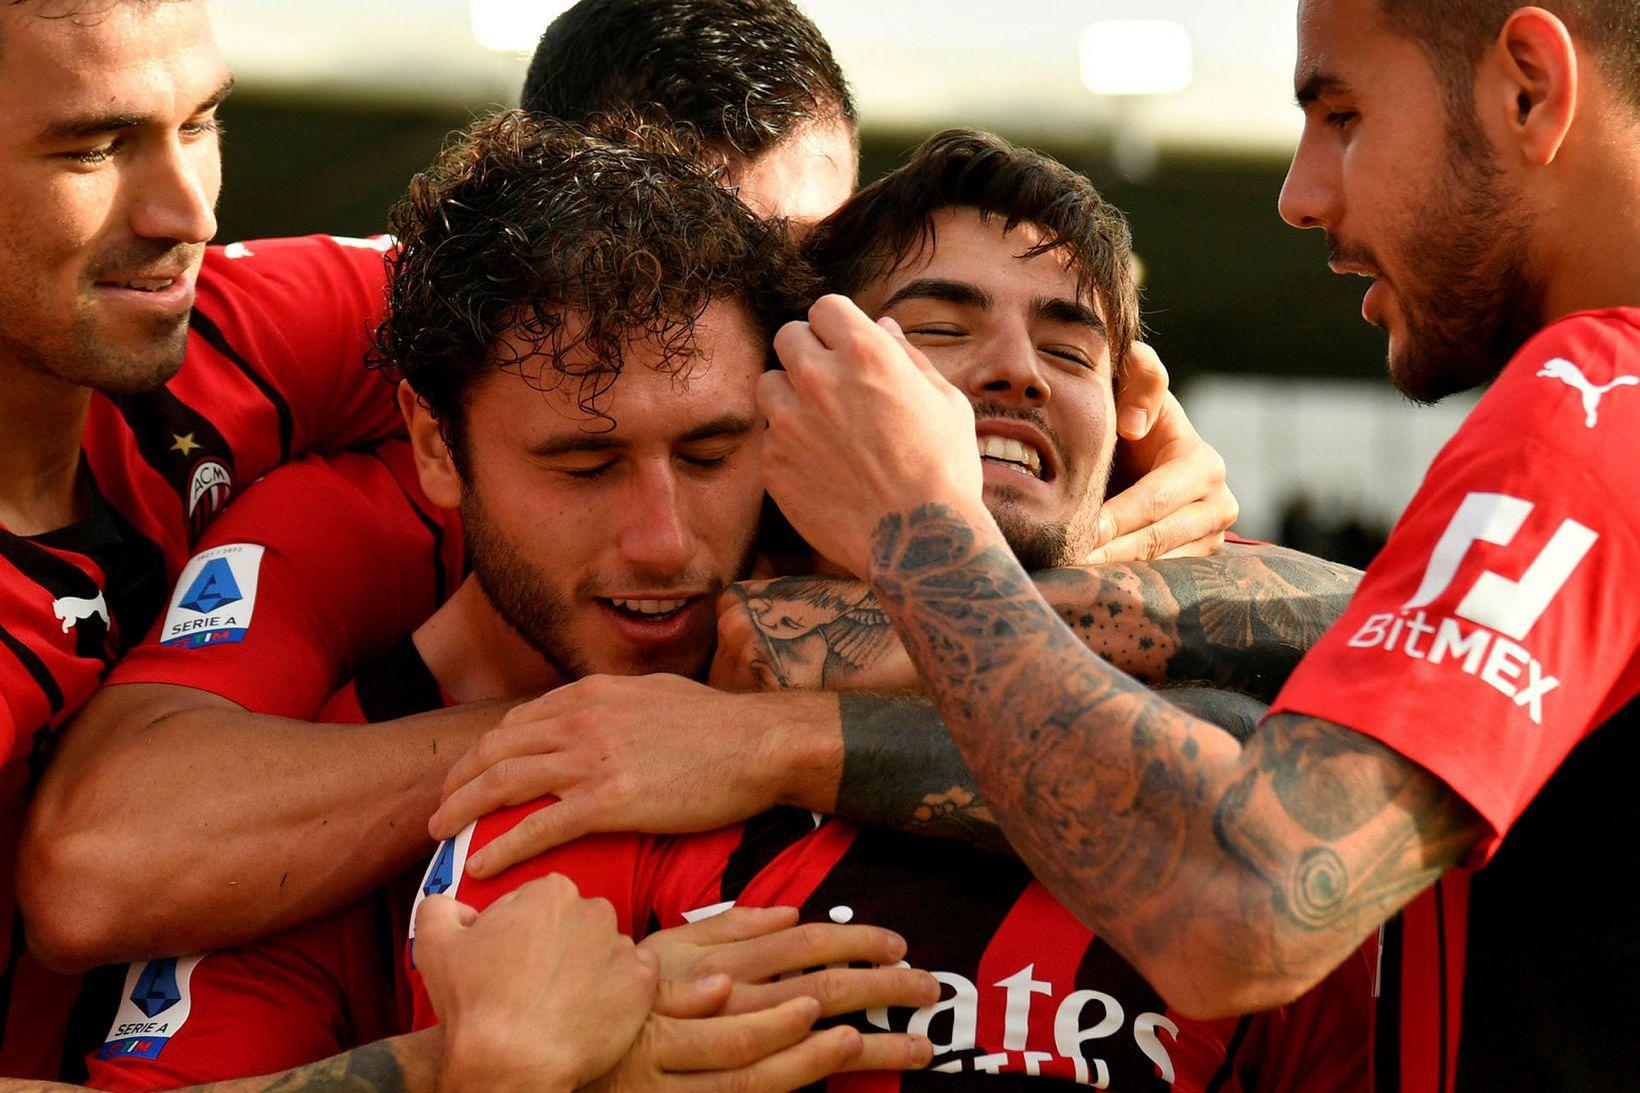 Leikmenn AC Milan fagna í kvöld.